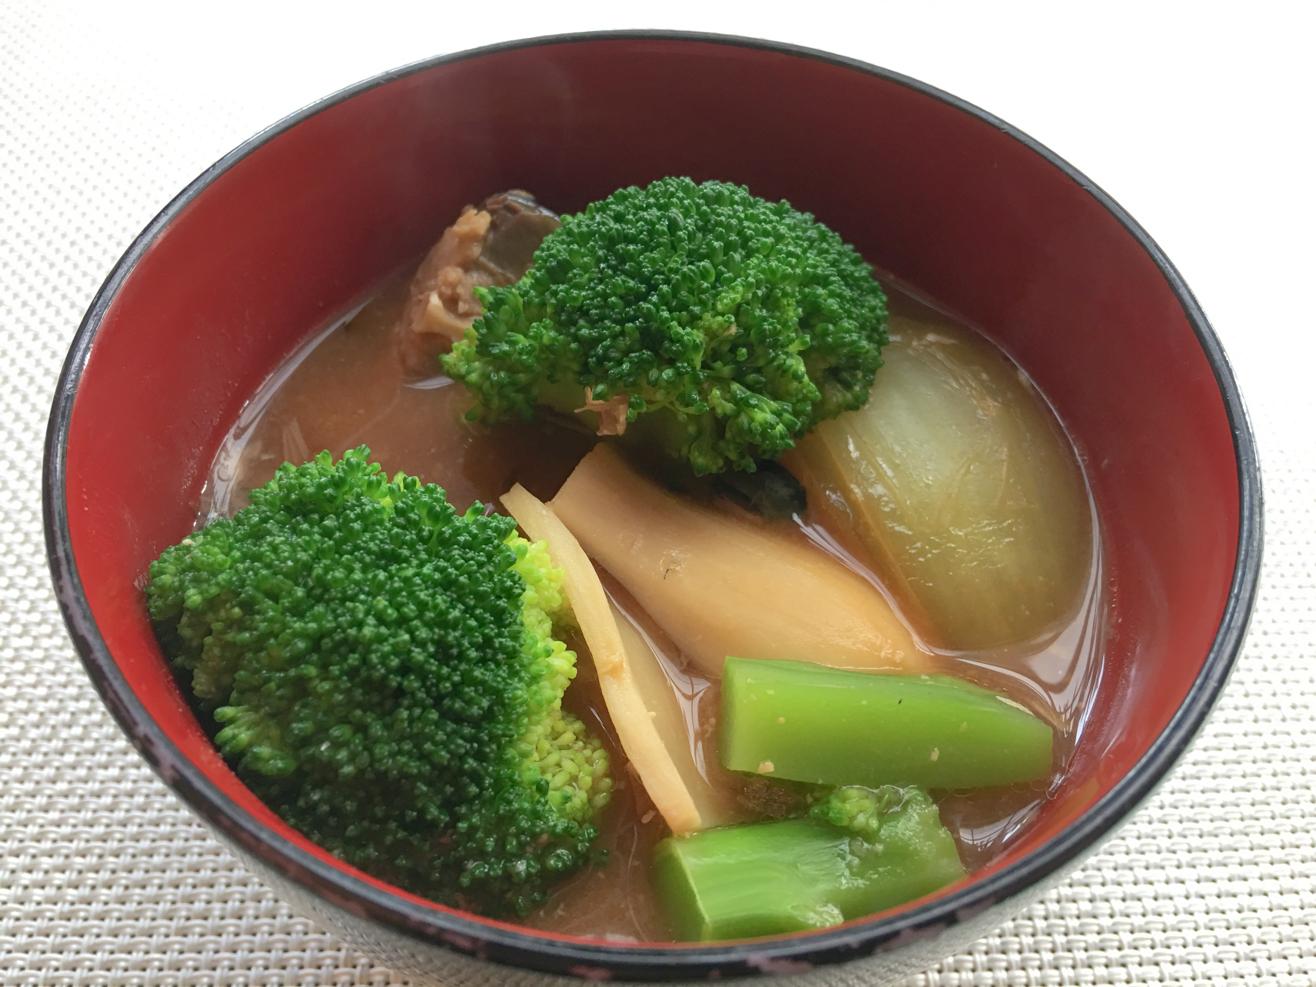 鯖缶味噌汁ブロッコリーとジャガイモの写真